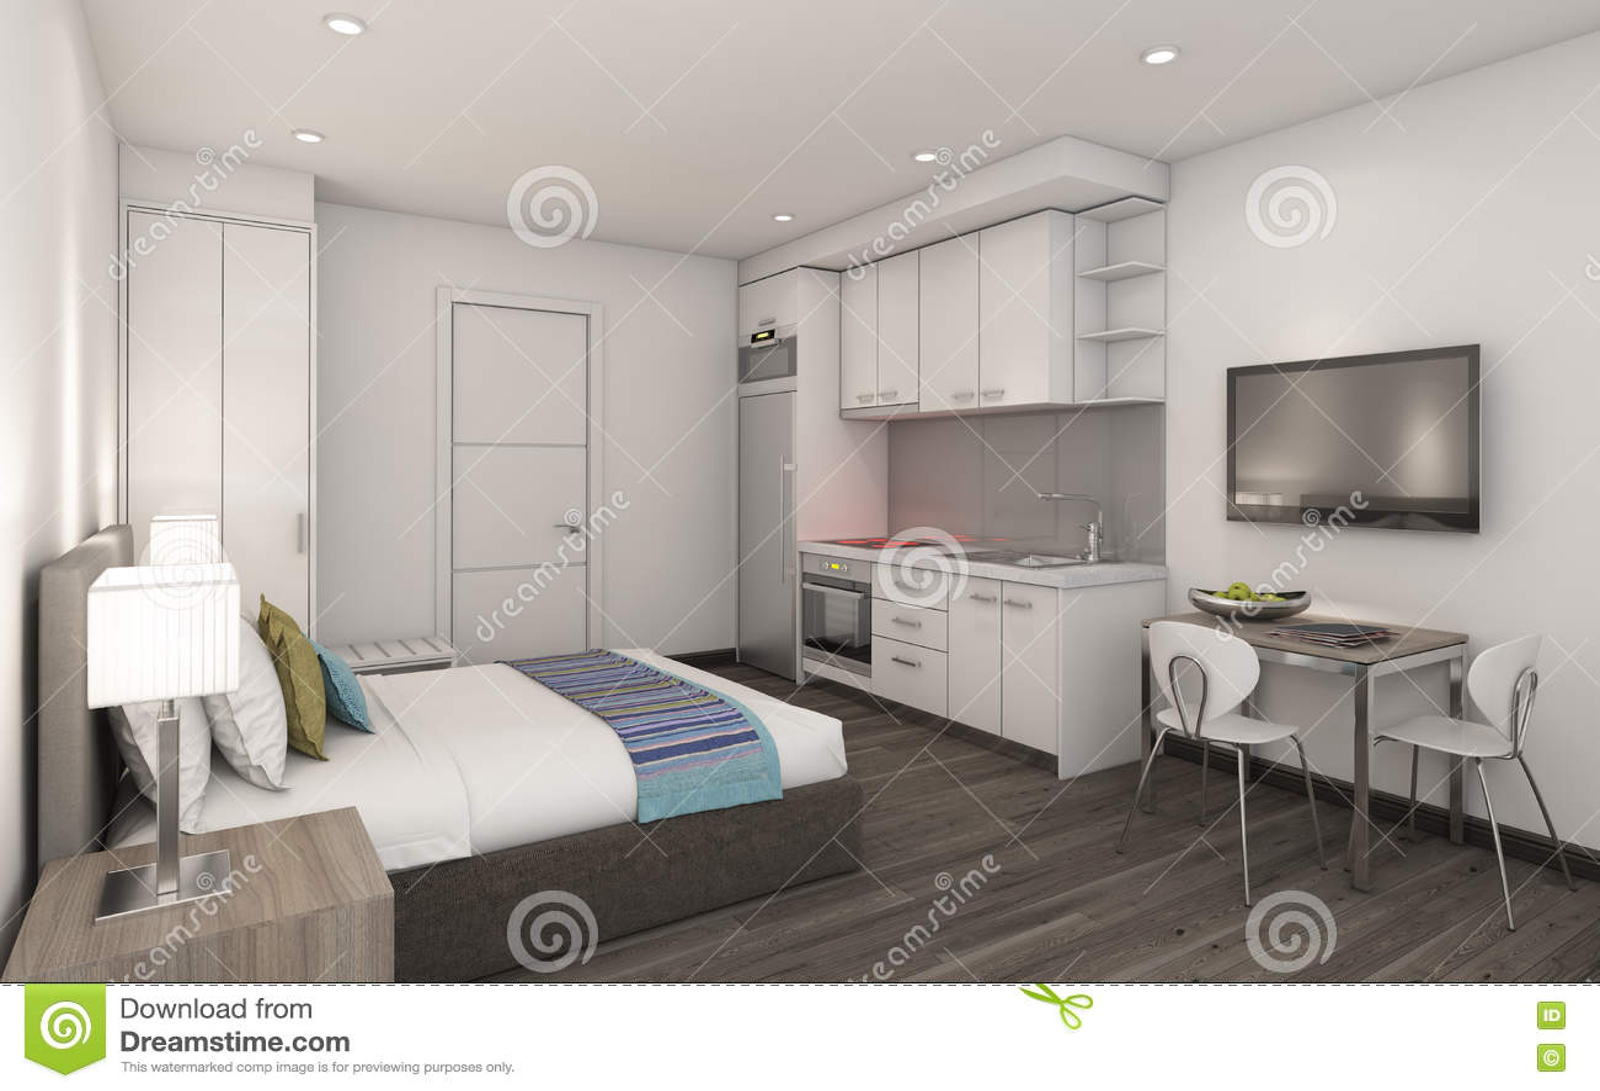 Modernes Wohnzimmer In Privat House Stock Abbildung - Illustration ...